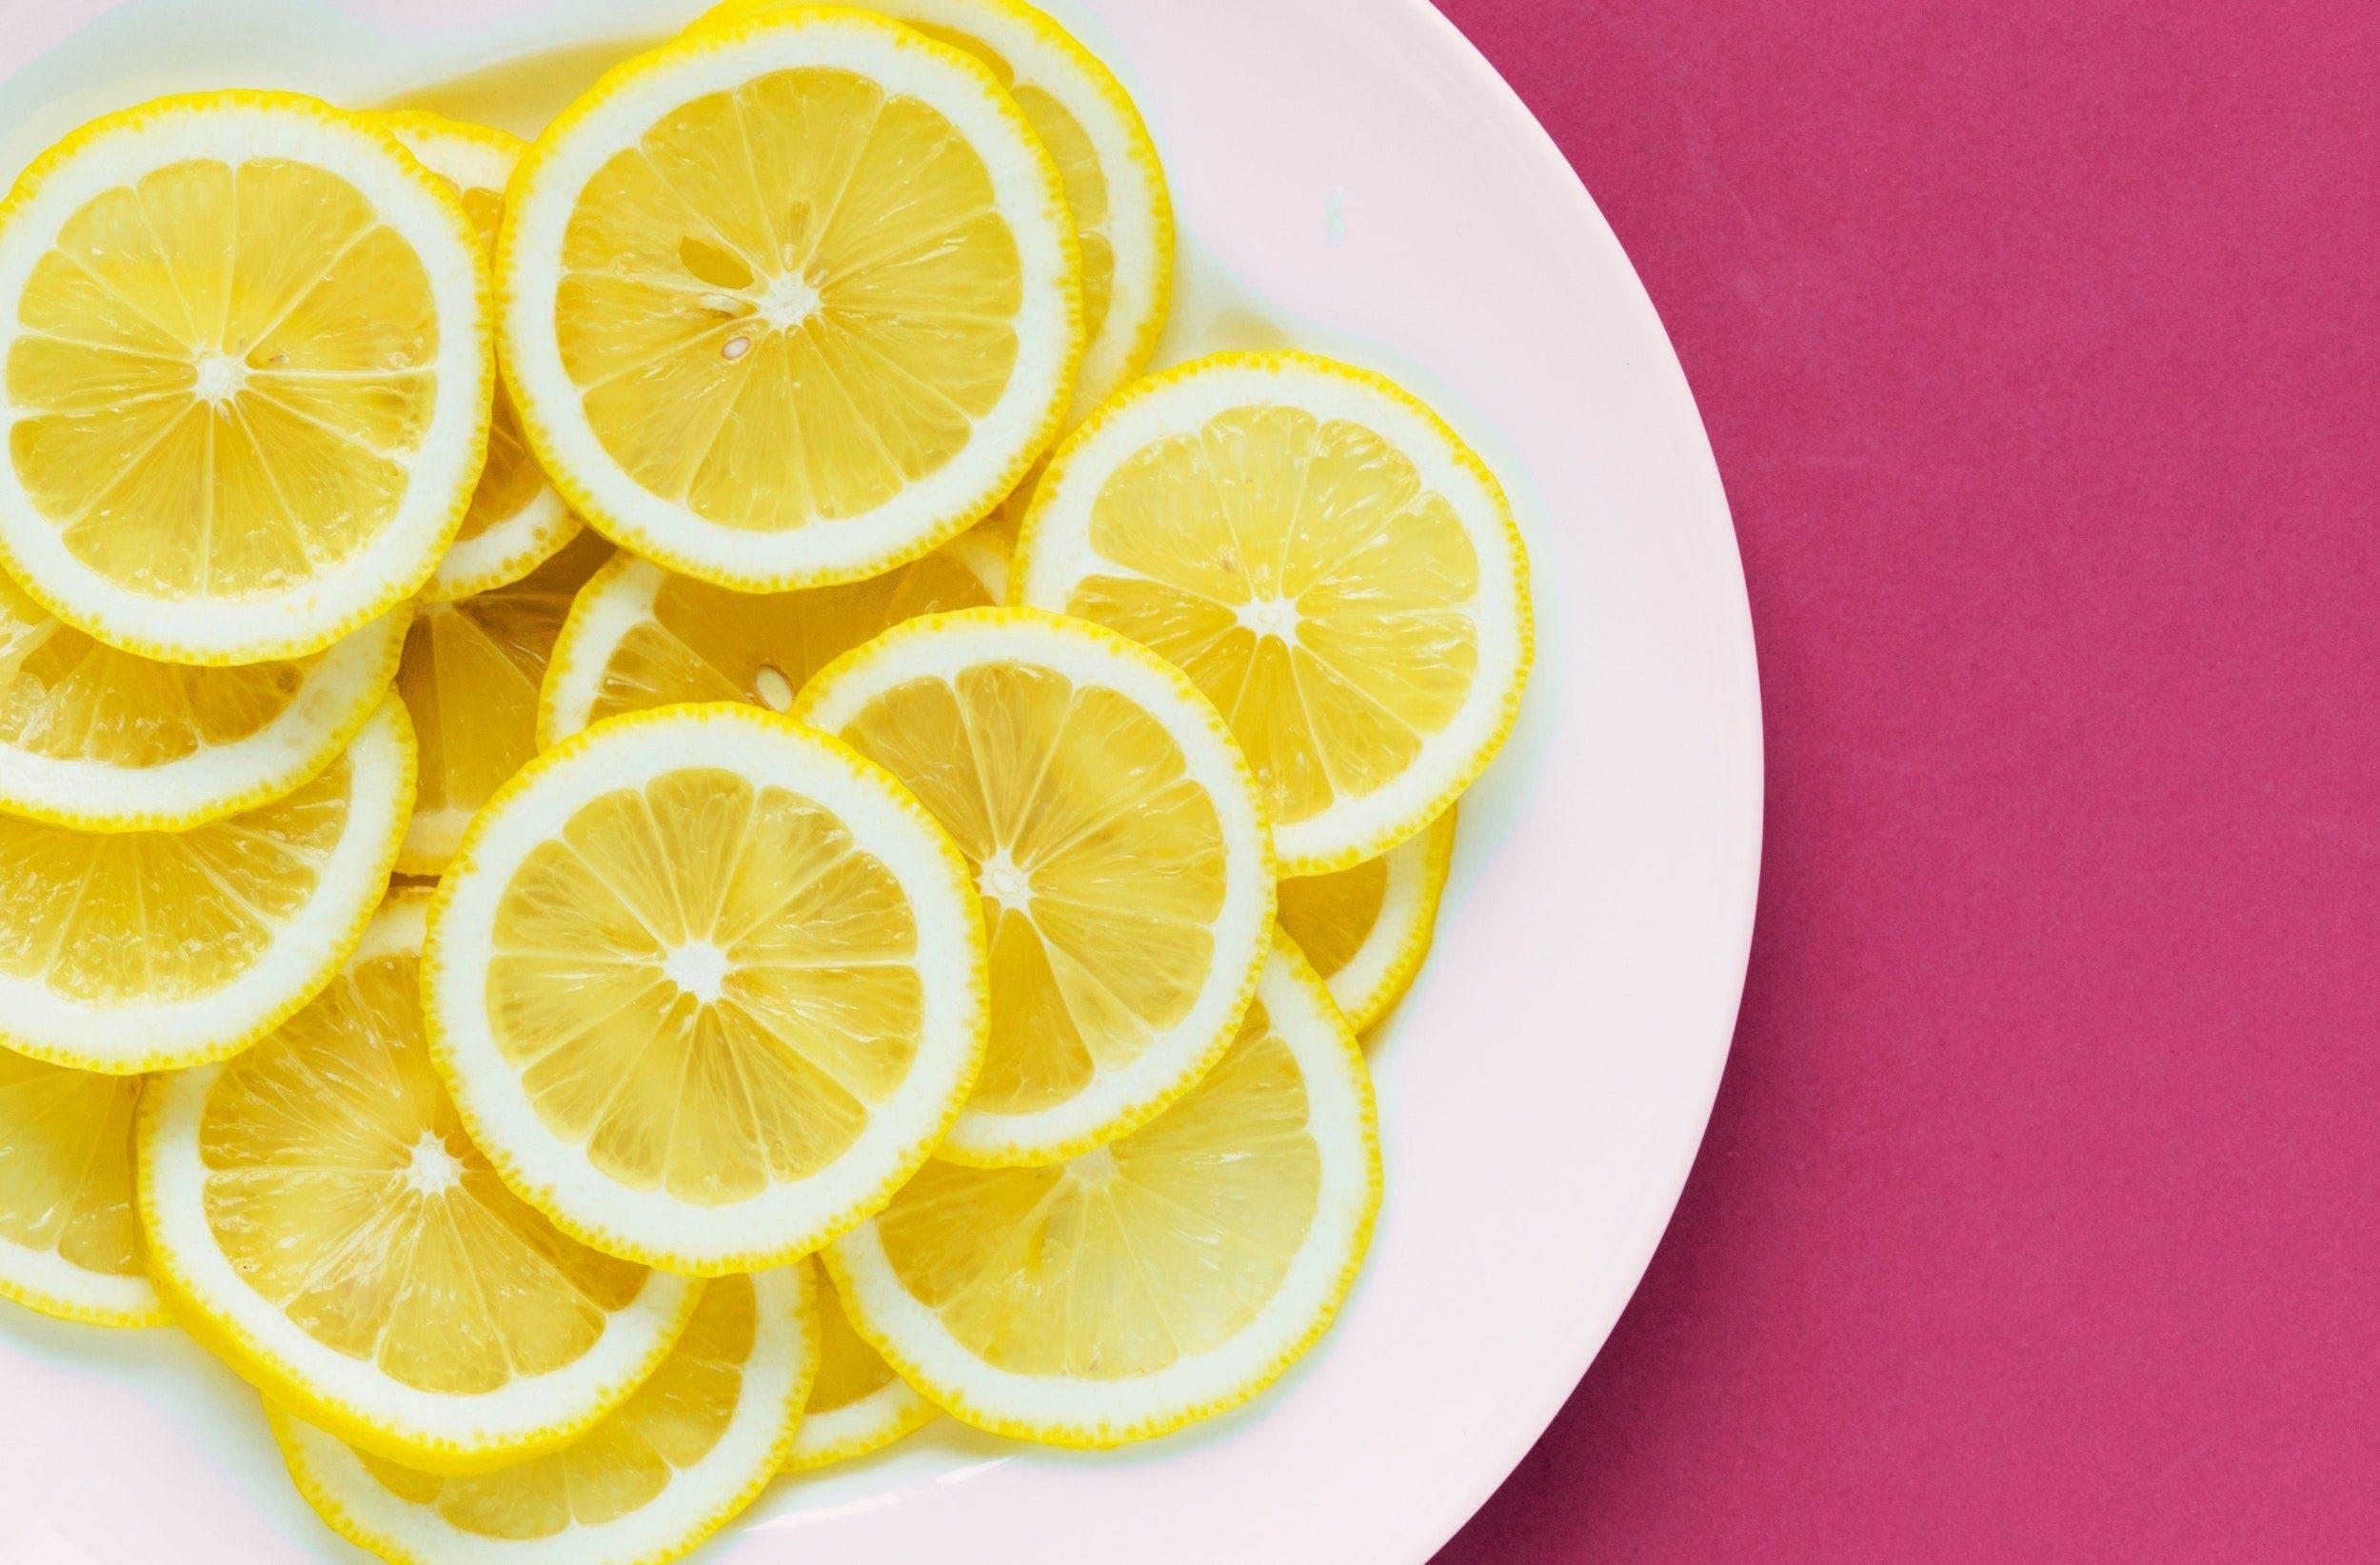 Le top 5 des aliments brûleurs de graisses pour perdre du poids